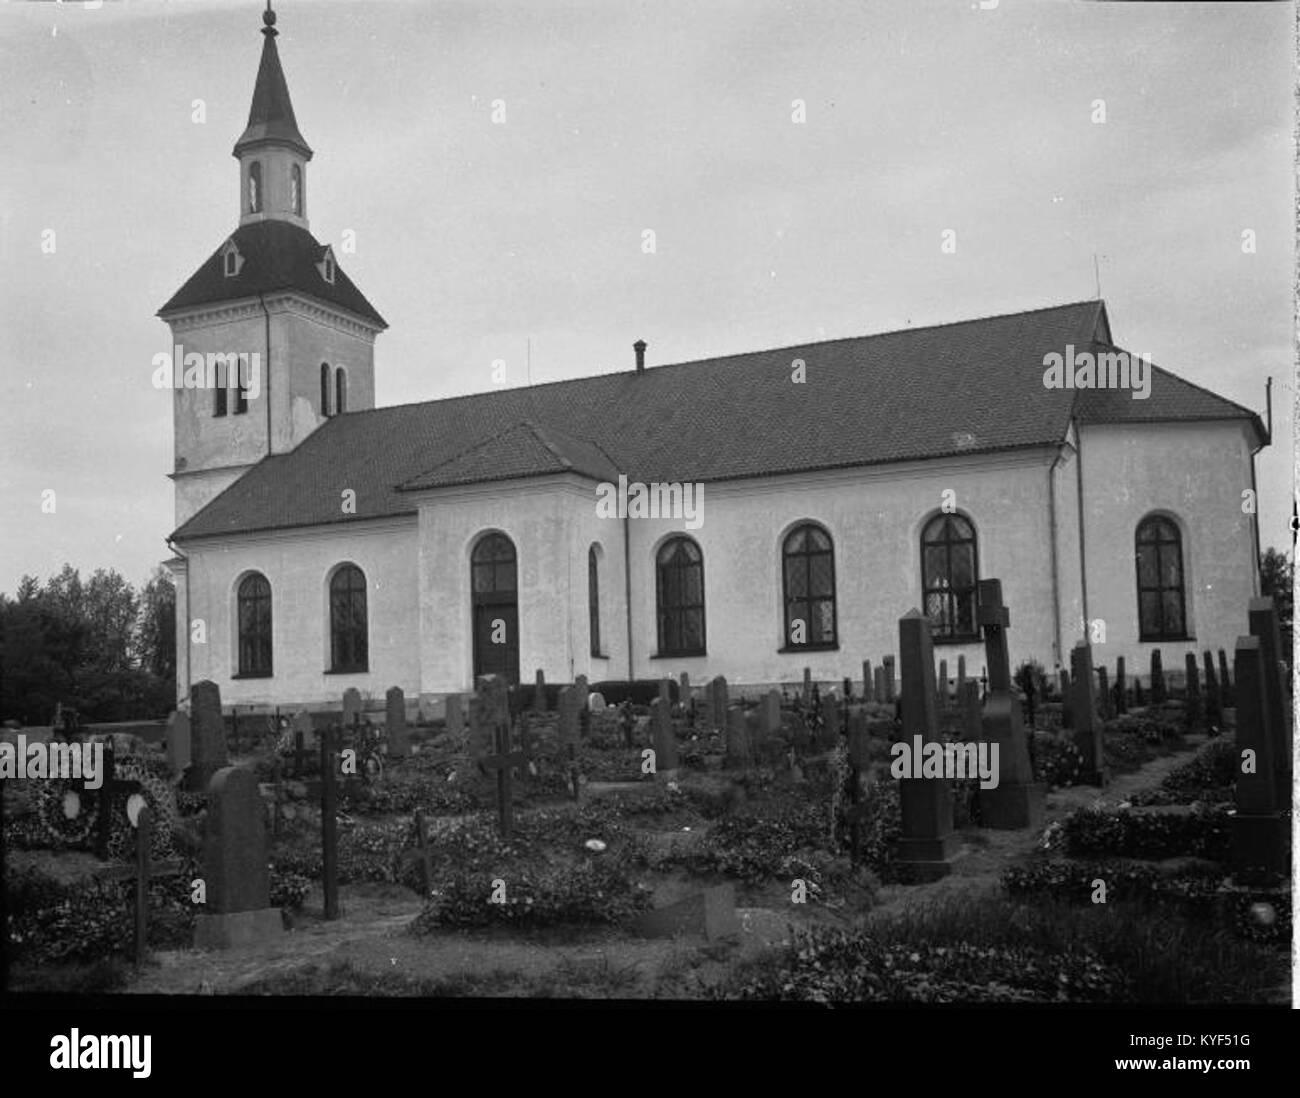 OTTO Wilhelm Lindstrm (1880 - 1952) - Genealogy - Geni